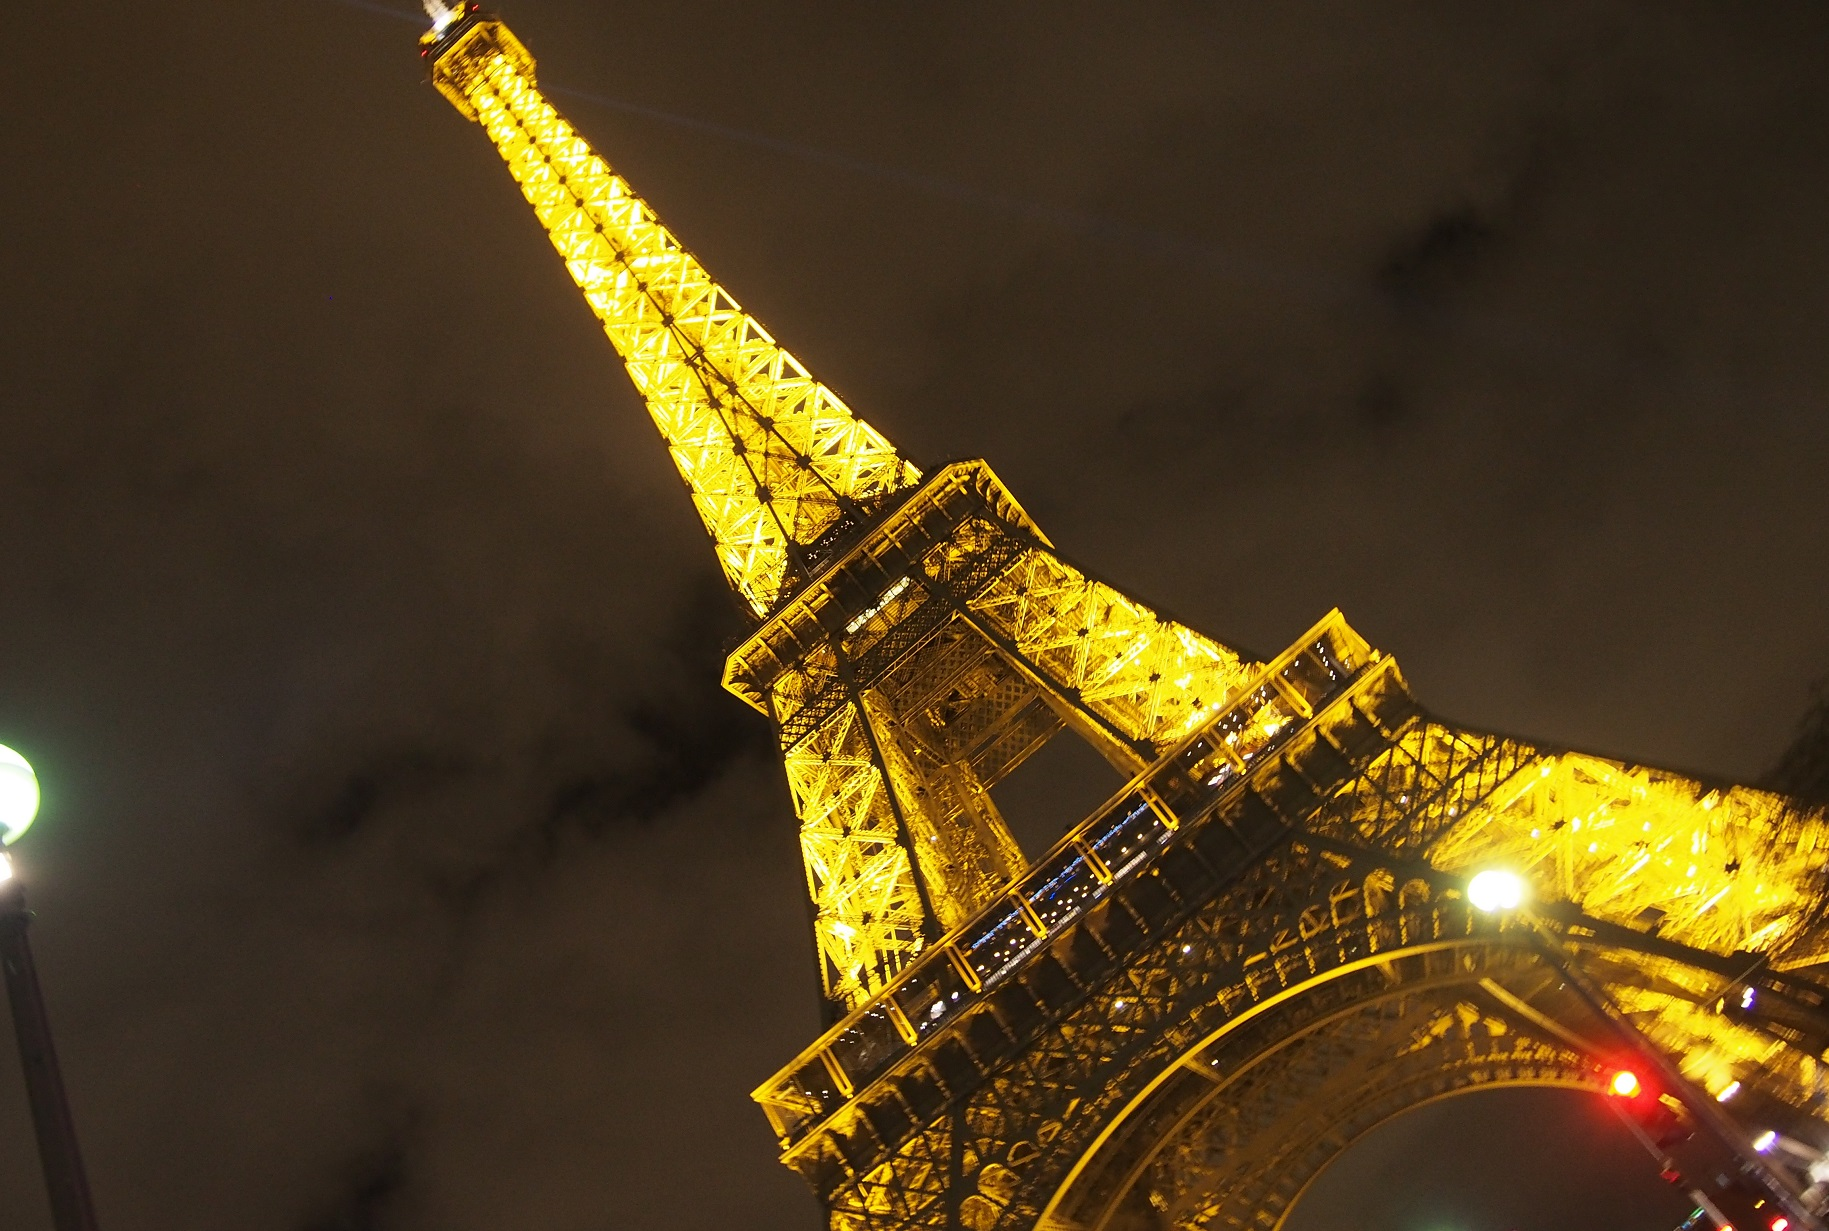 夜も綺麗な街並みを楽しもう!パリの夜におすすめ観光地